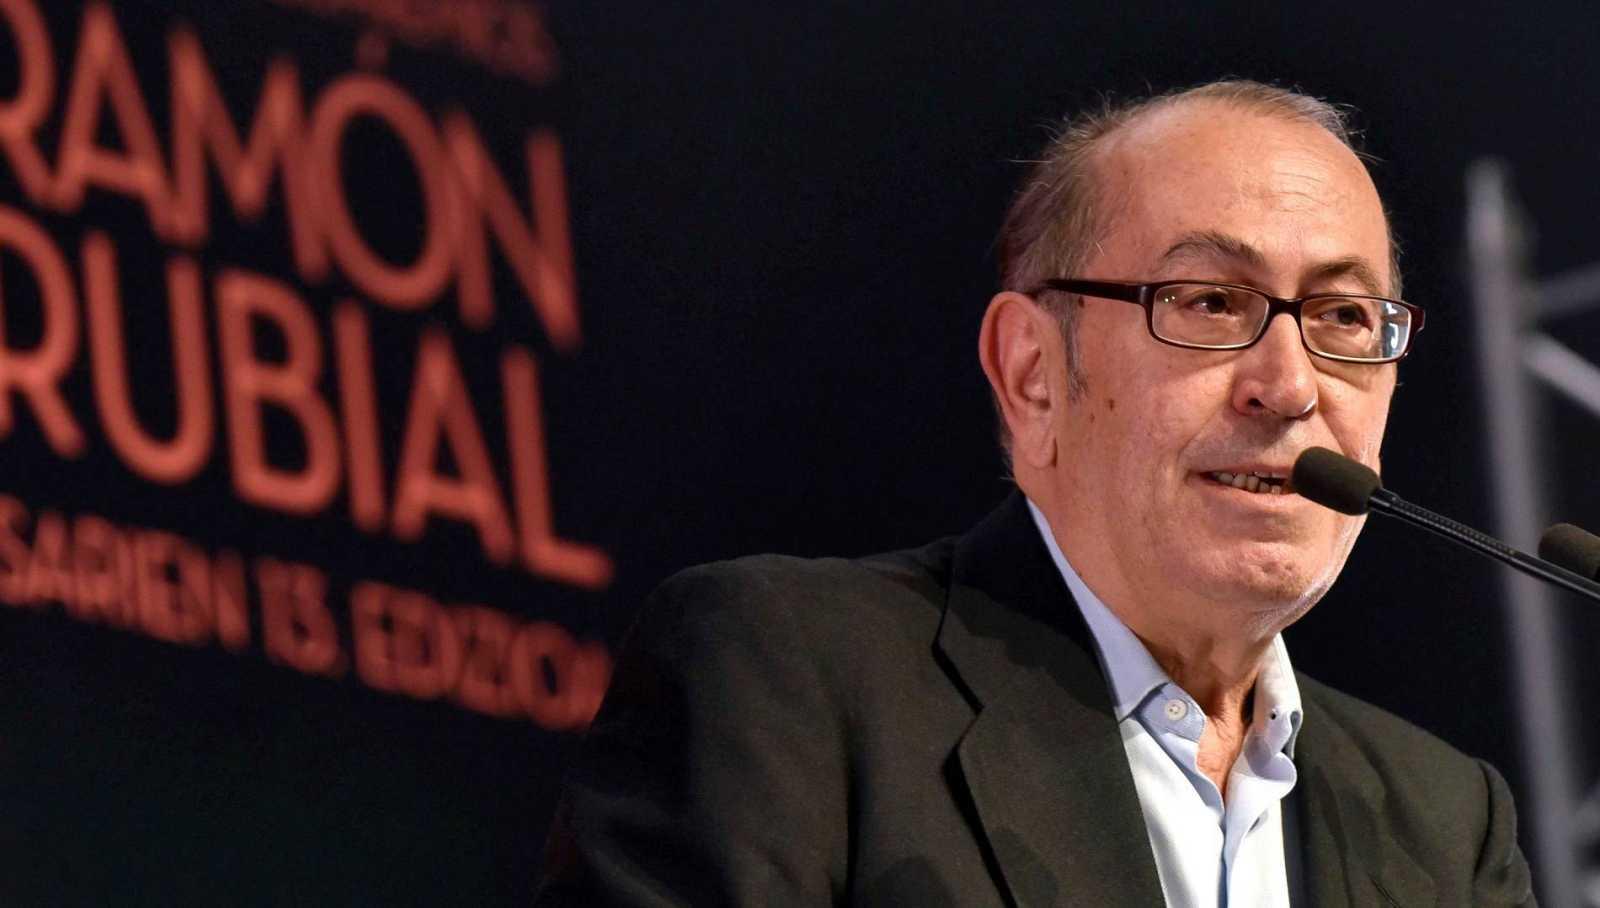 El impulsor del manifiesto y exdirigente socialista, Nicolás Redondo Terreros, en una imagen de archivo